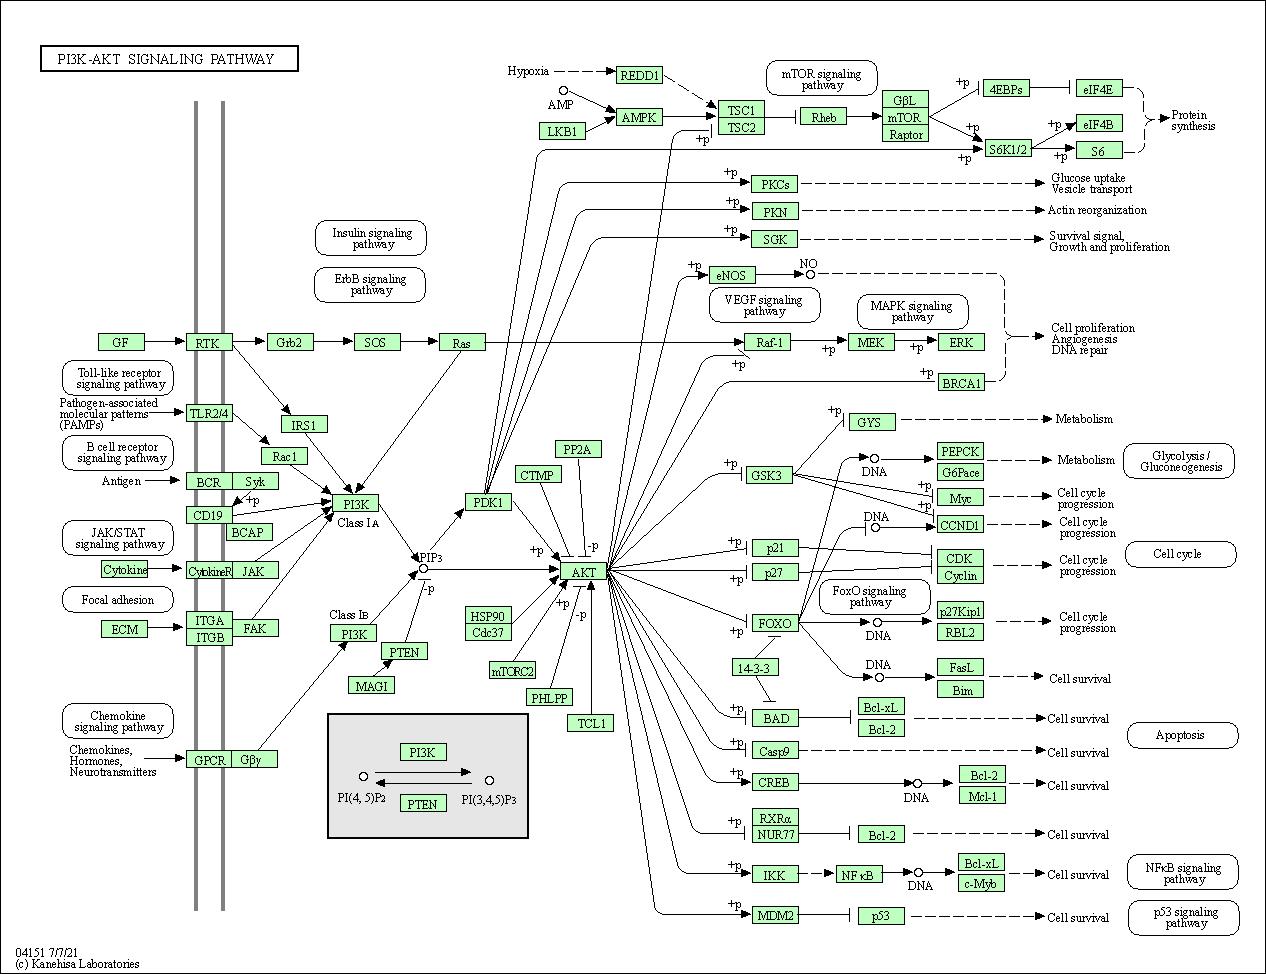 KEGG PATHWAY: PI3K-Akt signaling pathway - Homo sapiens (human)